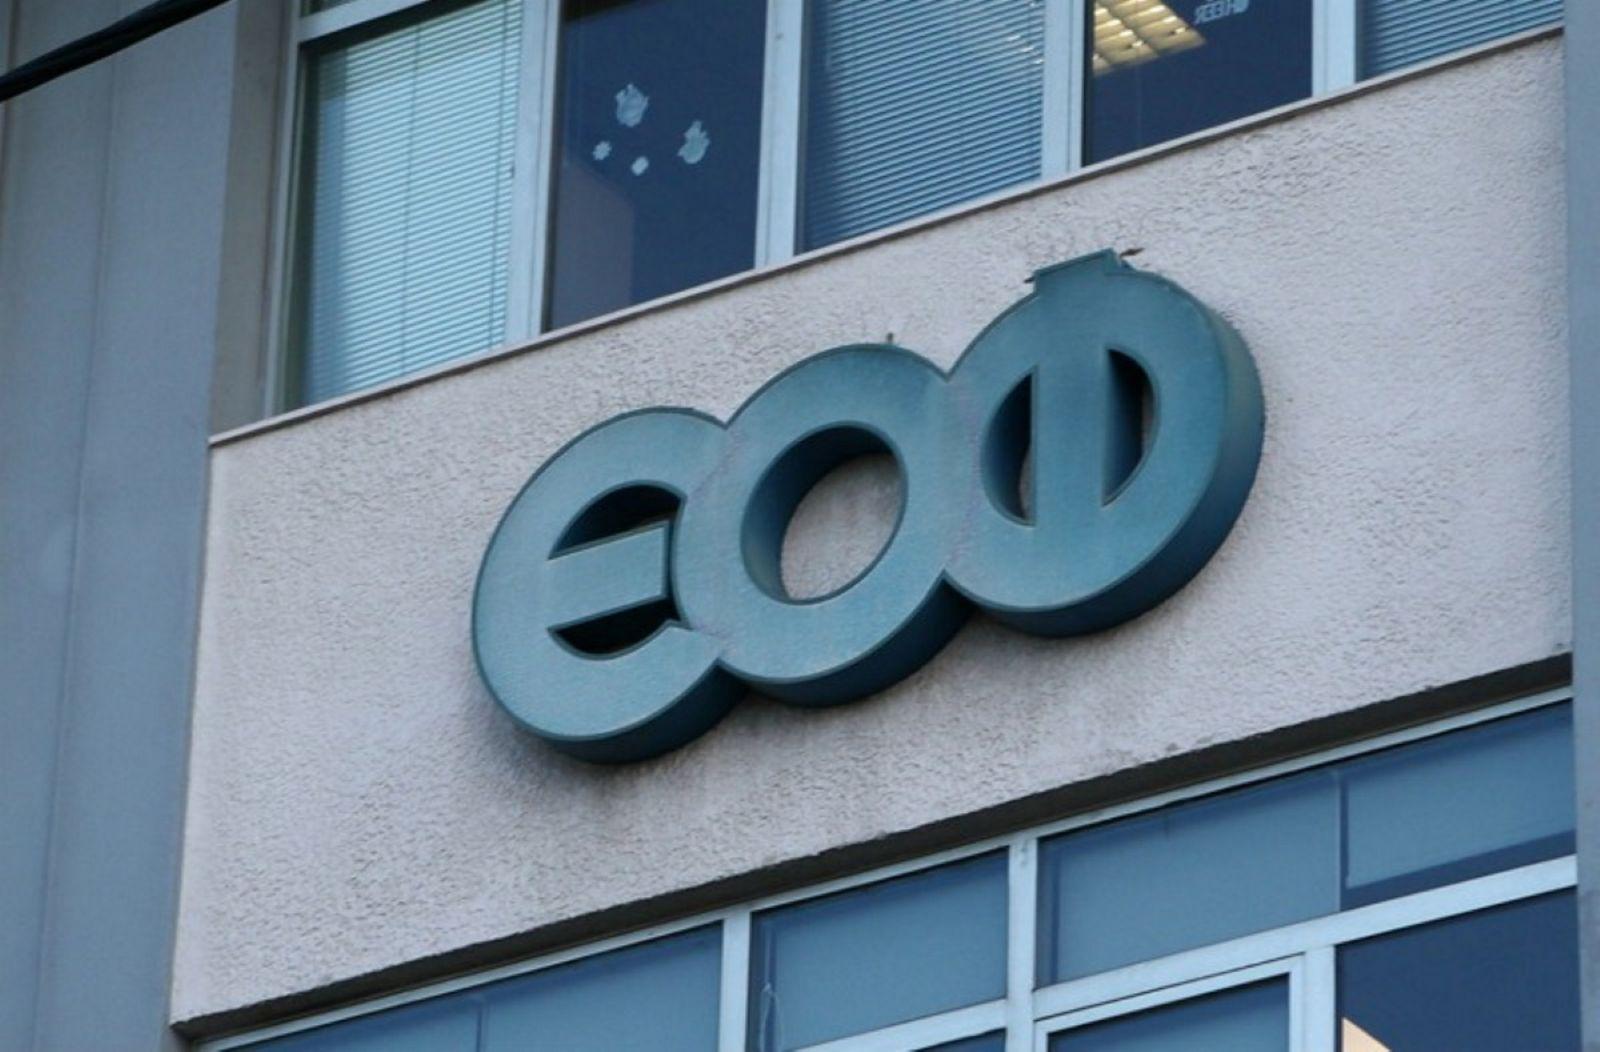 Ο ΕΟΦ αποσύρει αντισηπτικά μαντιλάκια από την αγορά